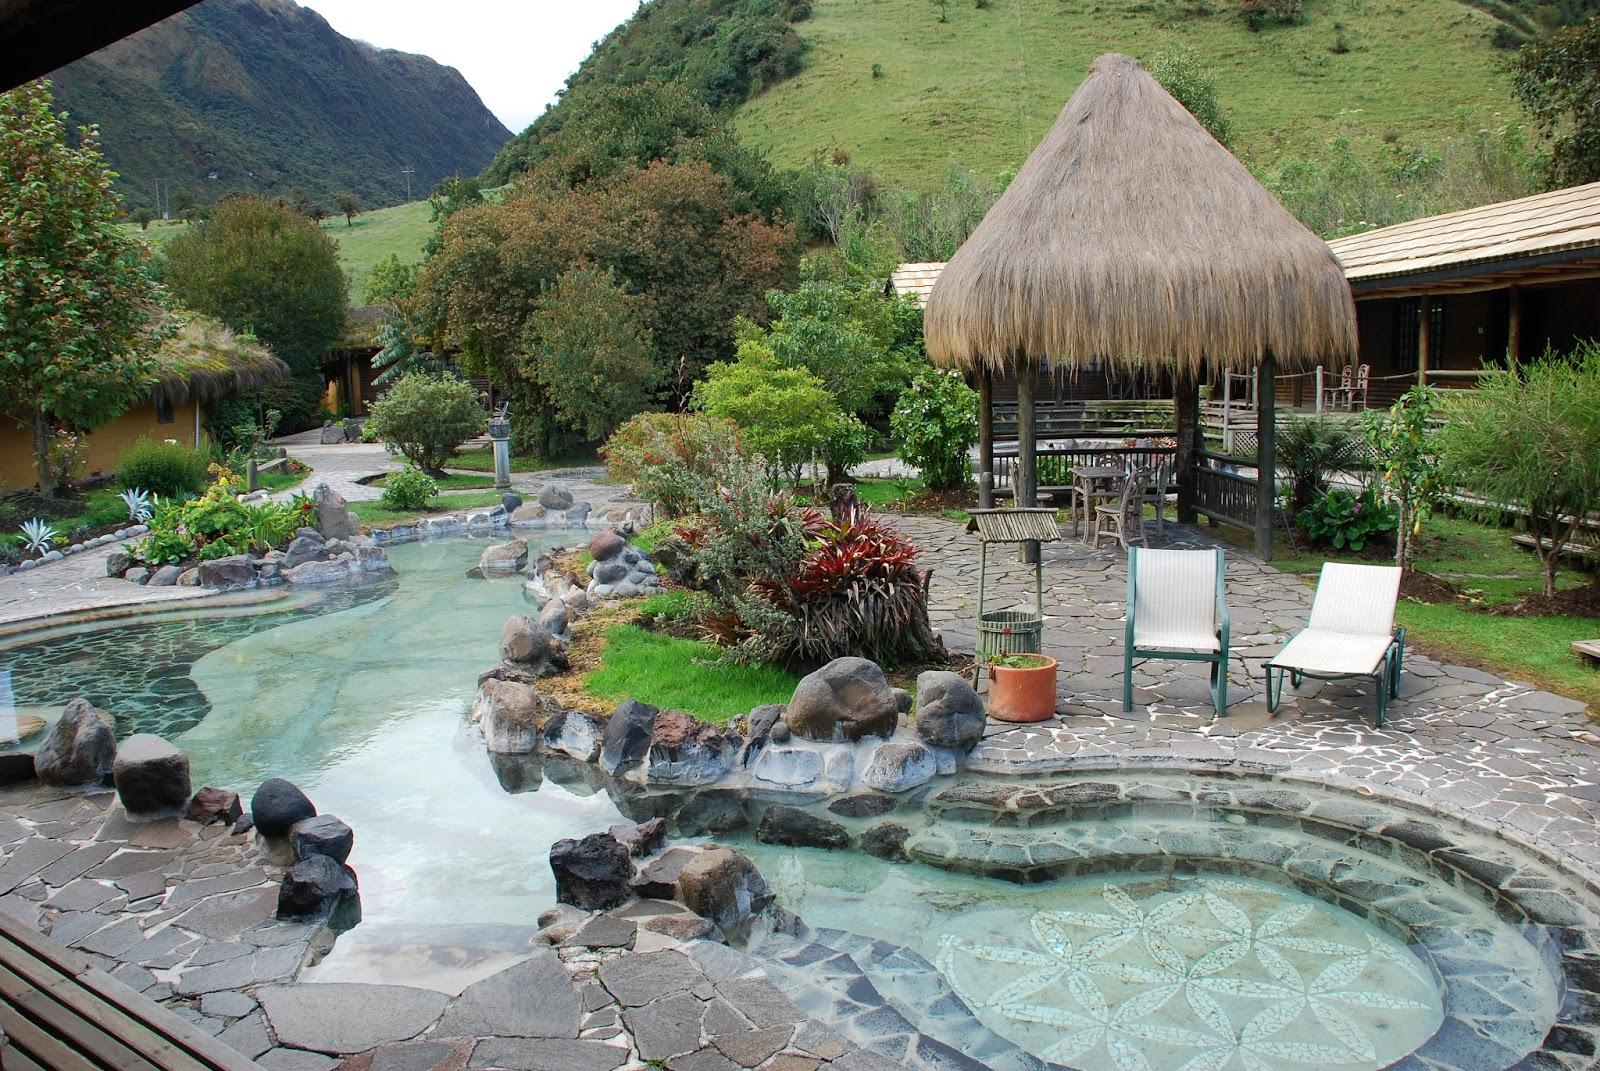 Viajero turismo las termas de papallacta en ecuador for Termas naturales cerca de madrid